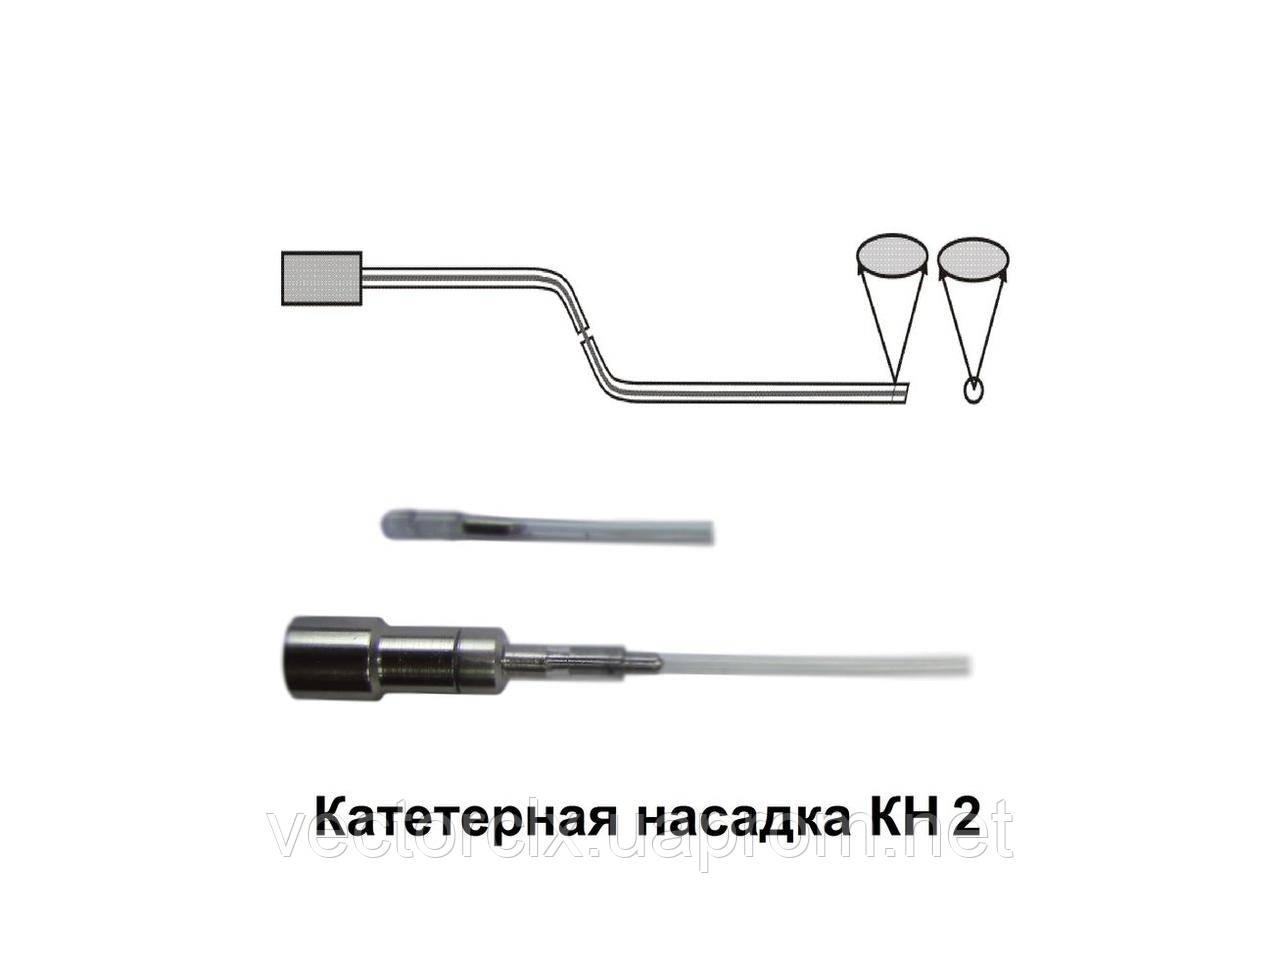 Катетерная насадка КН2